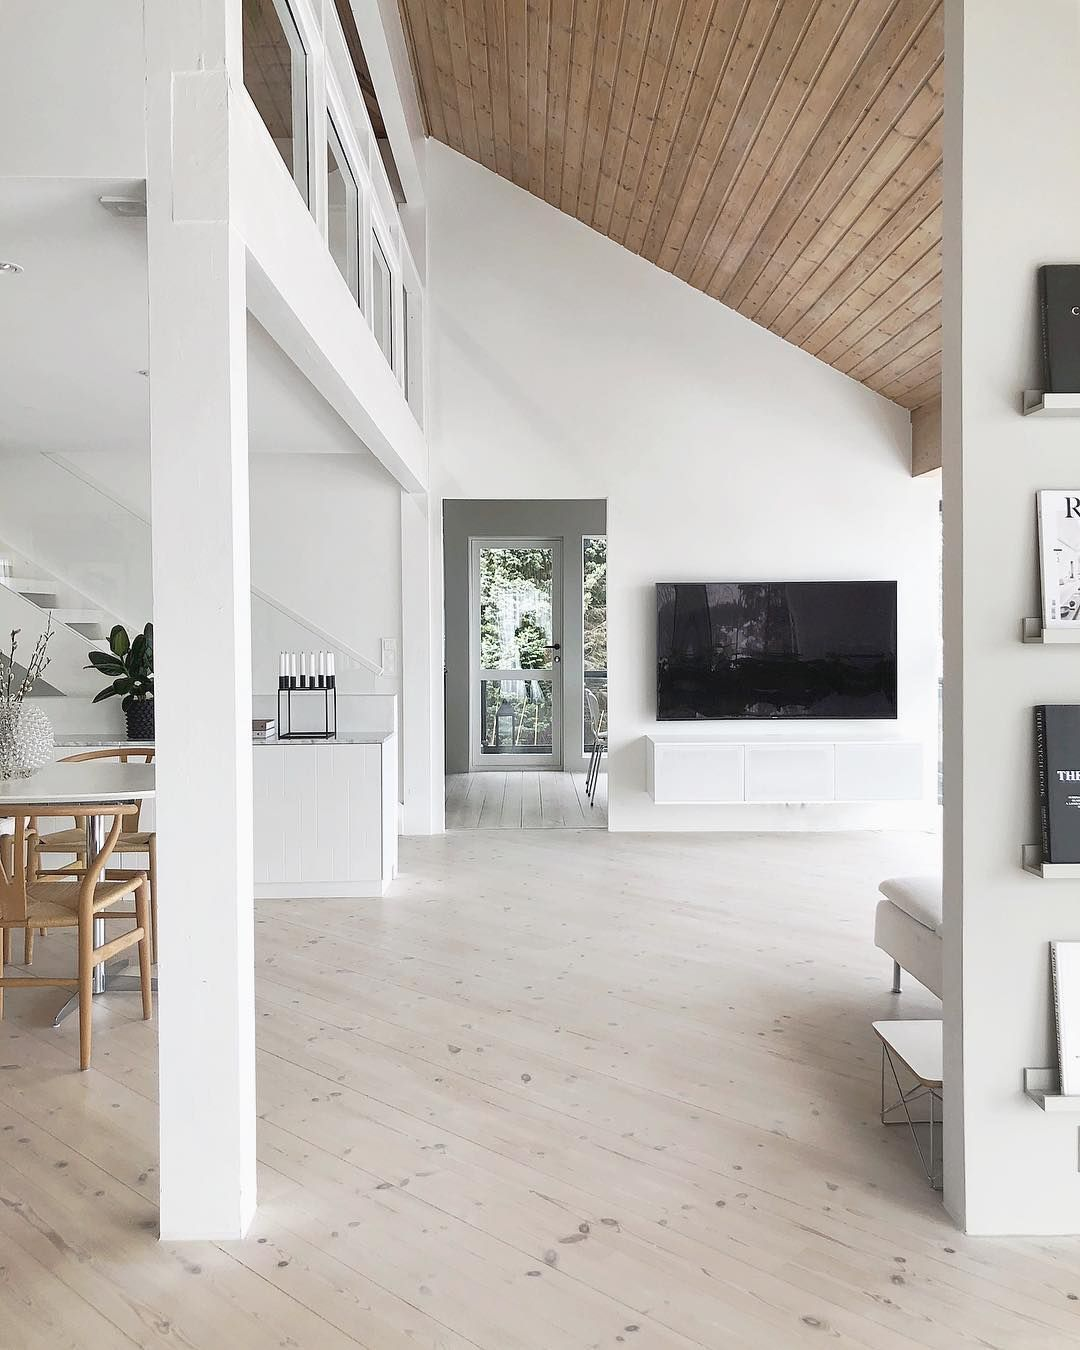 Wohnzimmer stylizimo skandinavisch modern minimalistisch schlicht ...